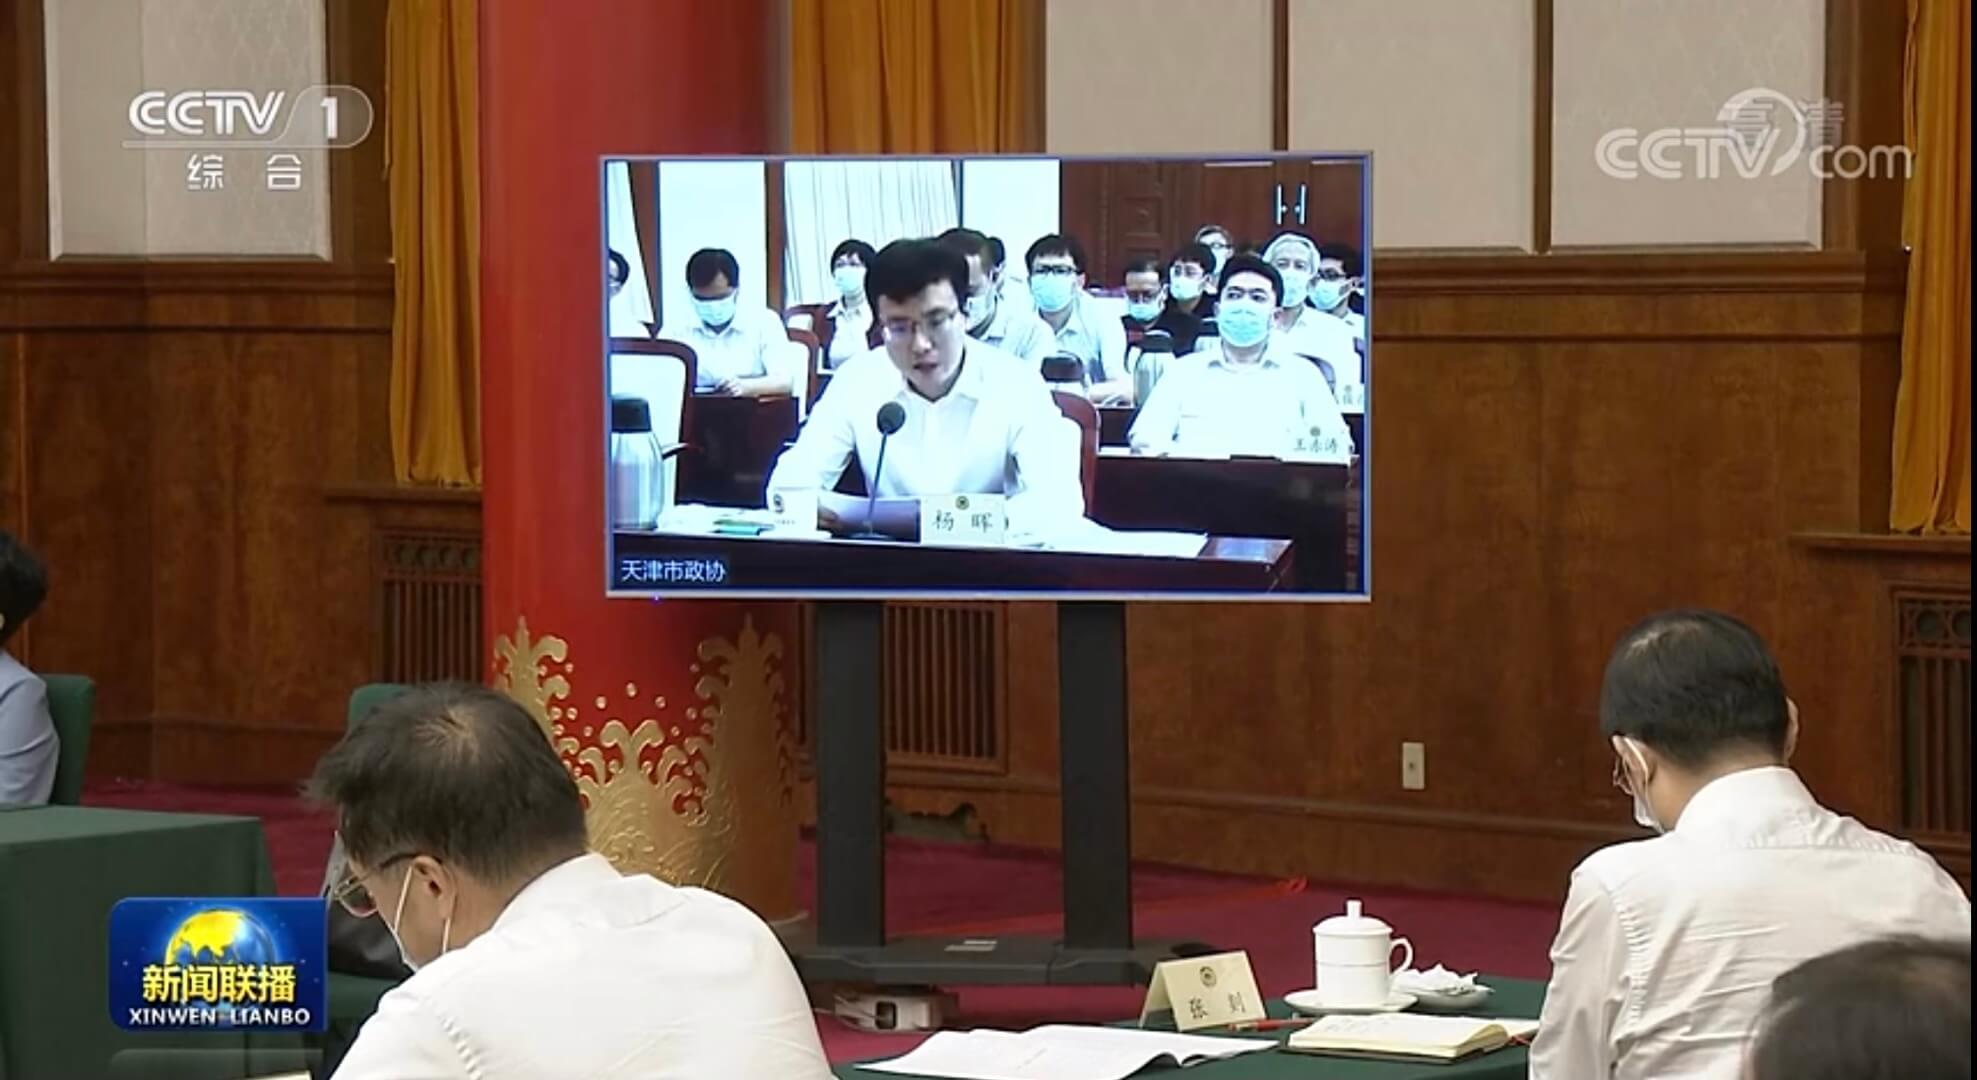 云账户董事长杨晖向全国政协主席汪洋作汇报